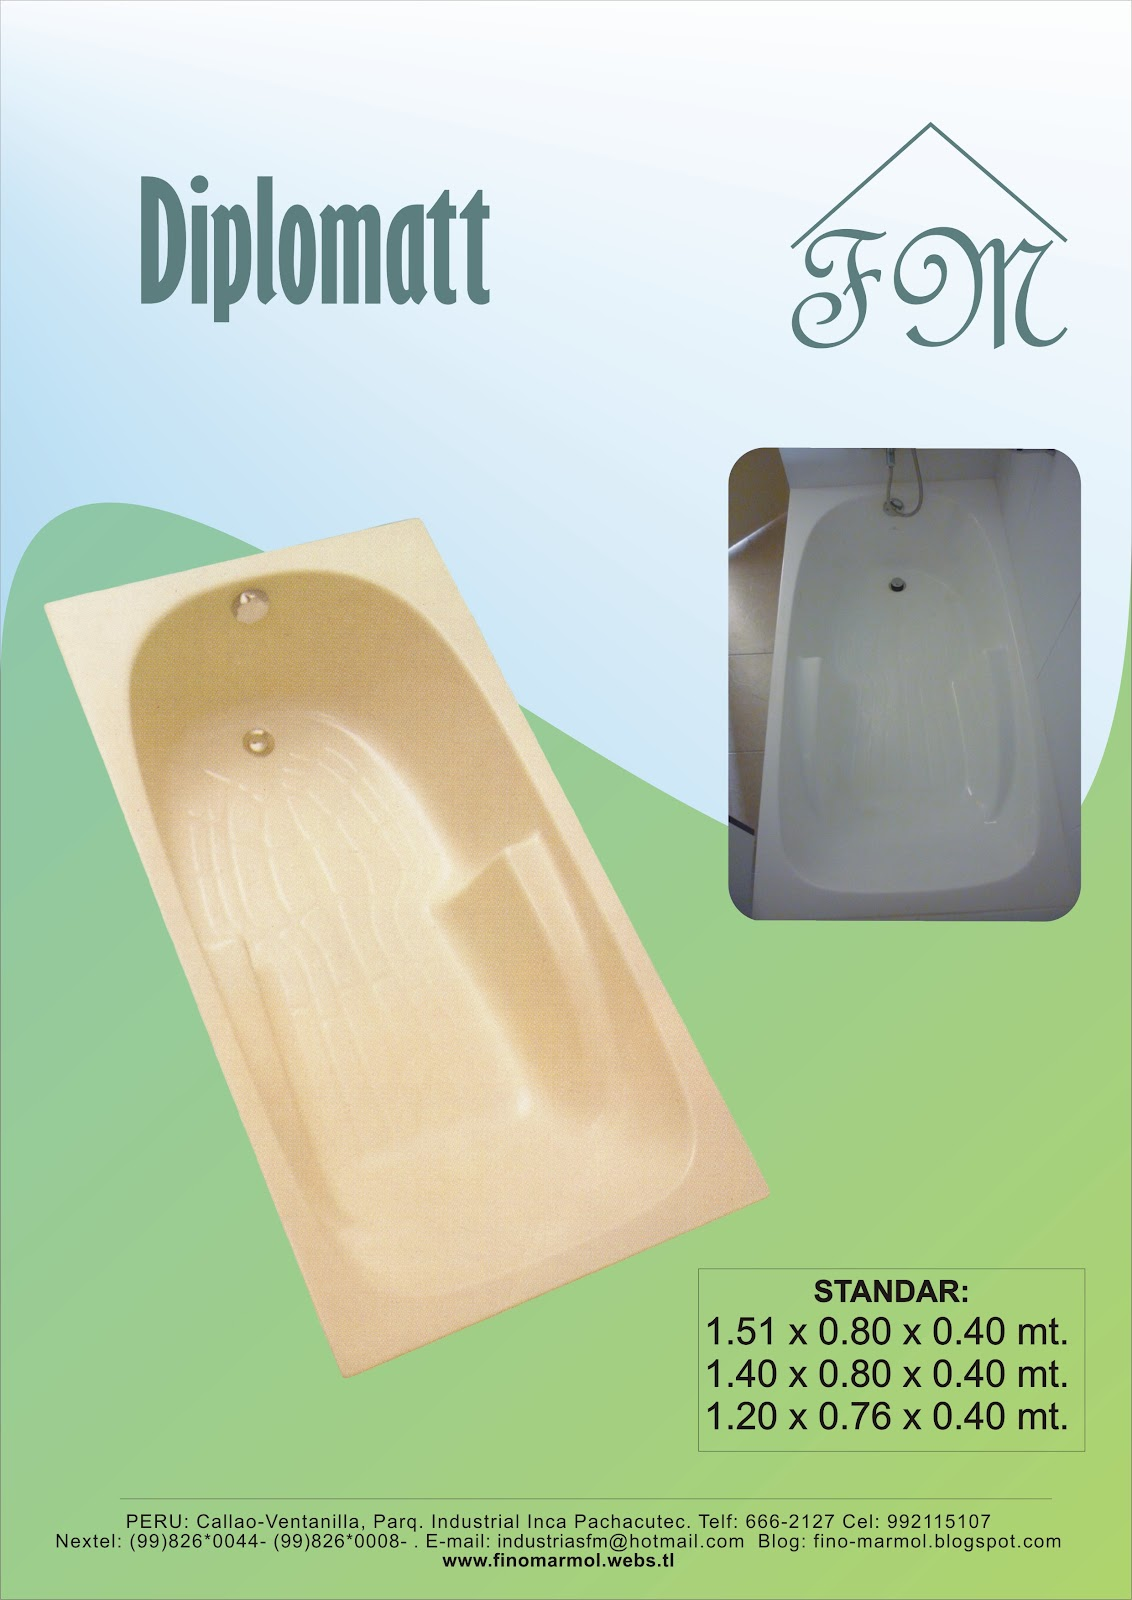 Tinas De Baño Fibra De Vidrio:Tinas de baño FM: Tina de baño diplomatt Fino Marmol